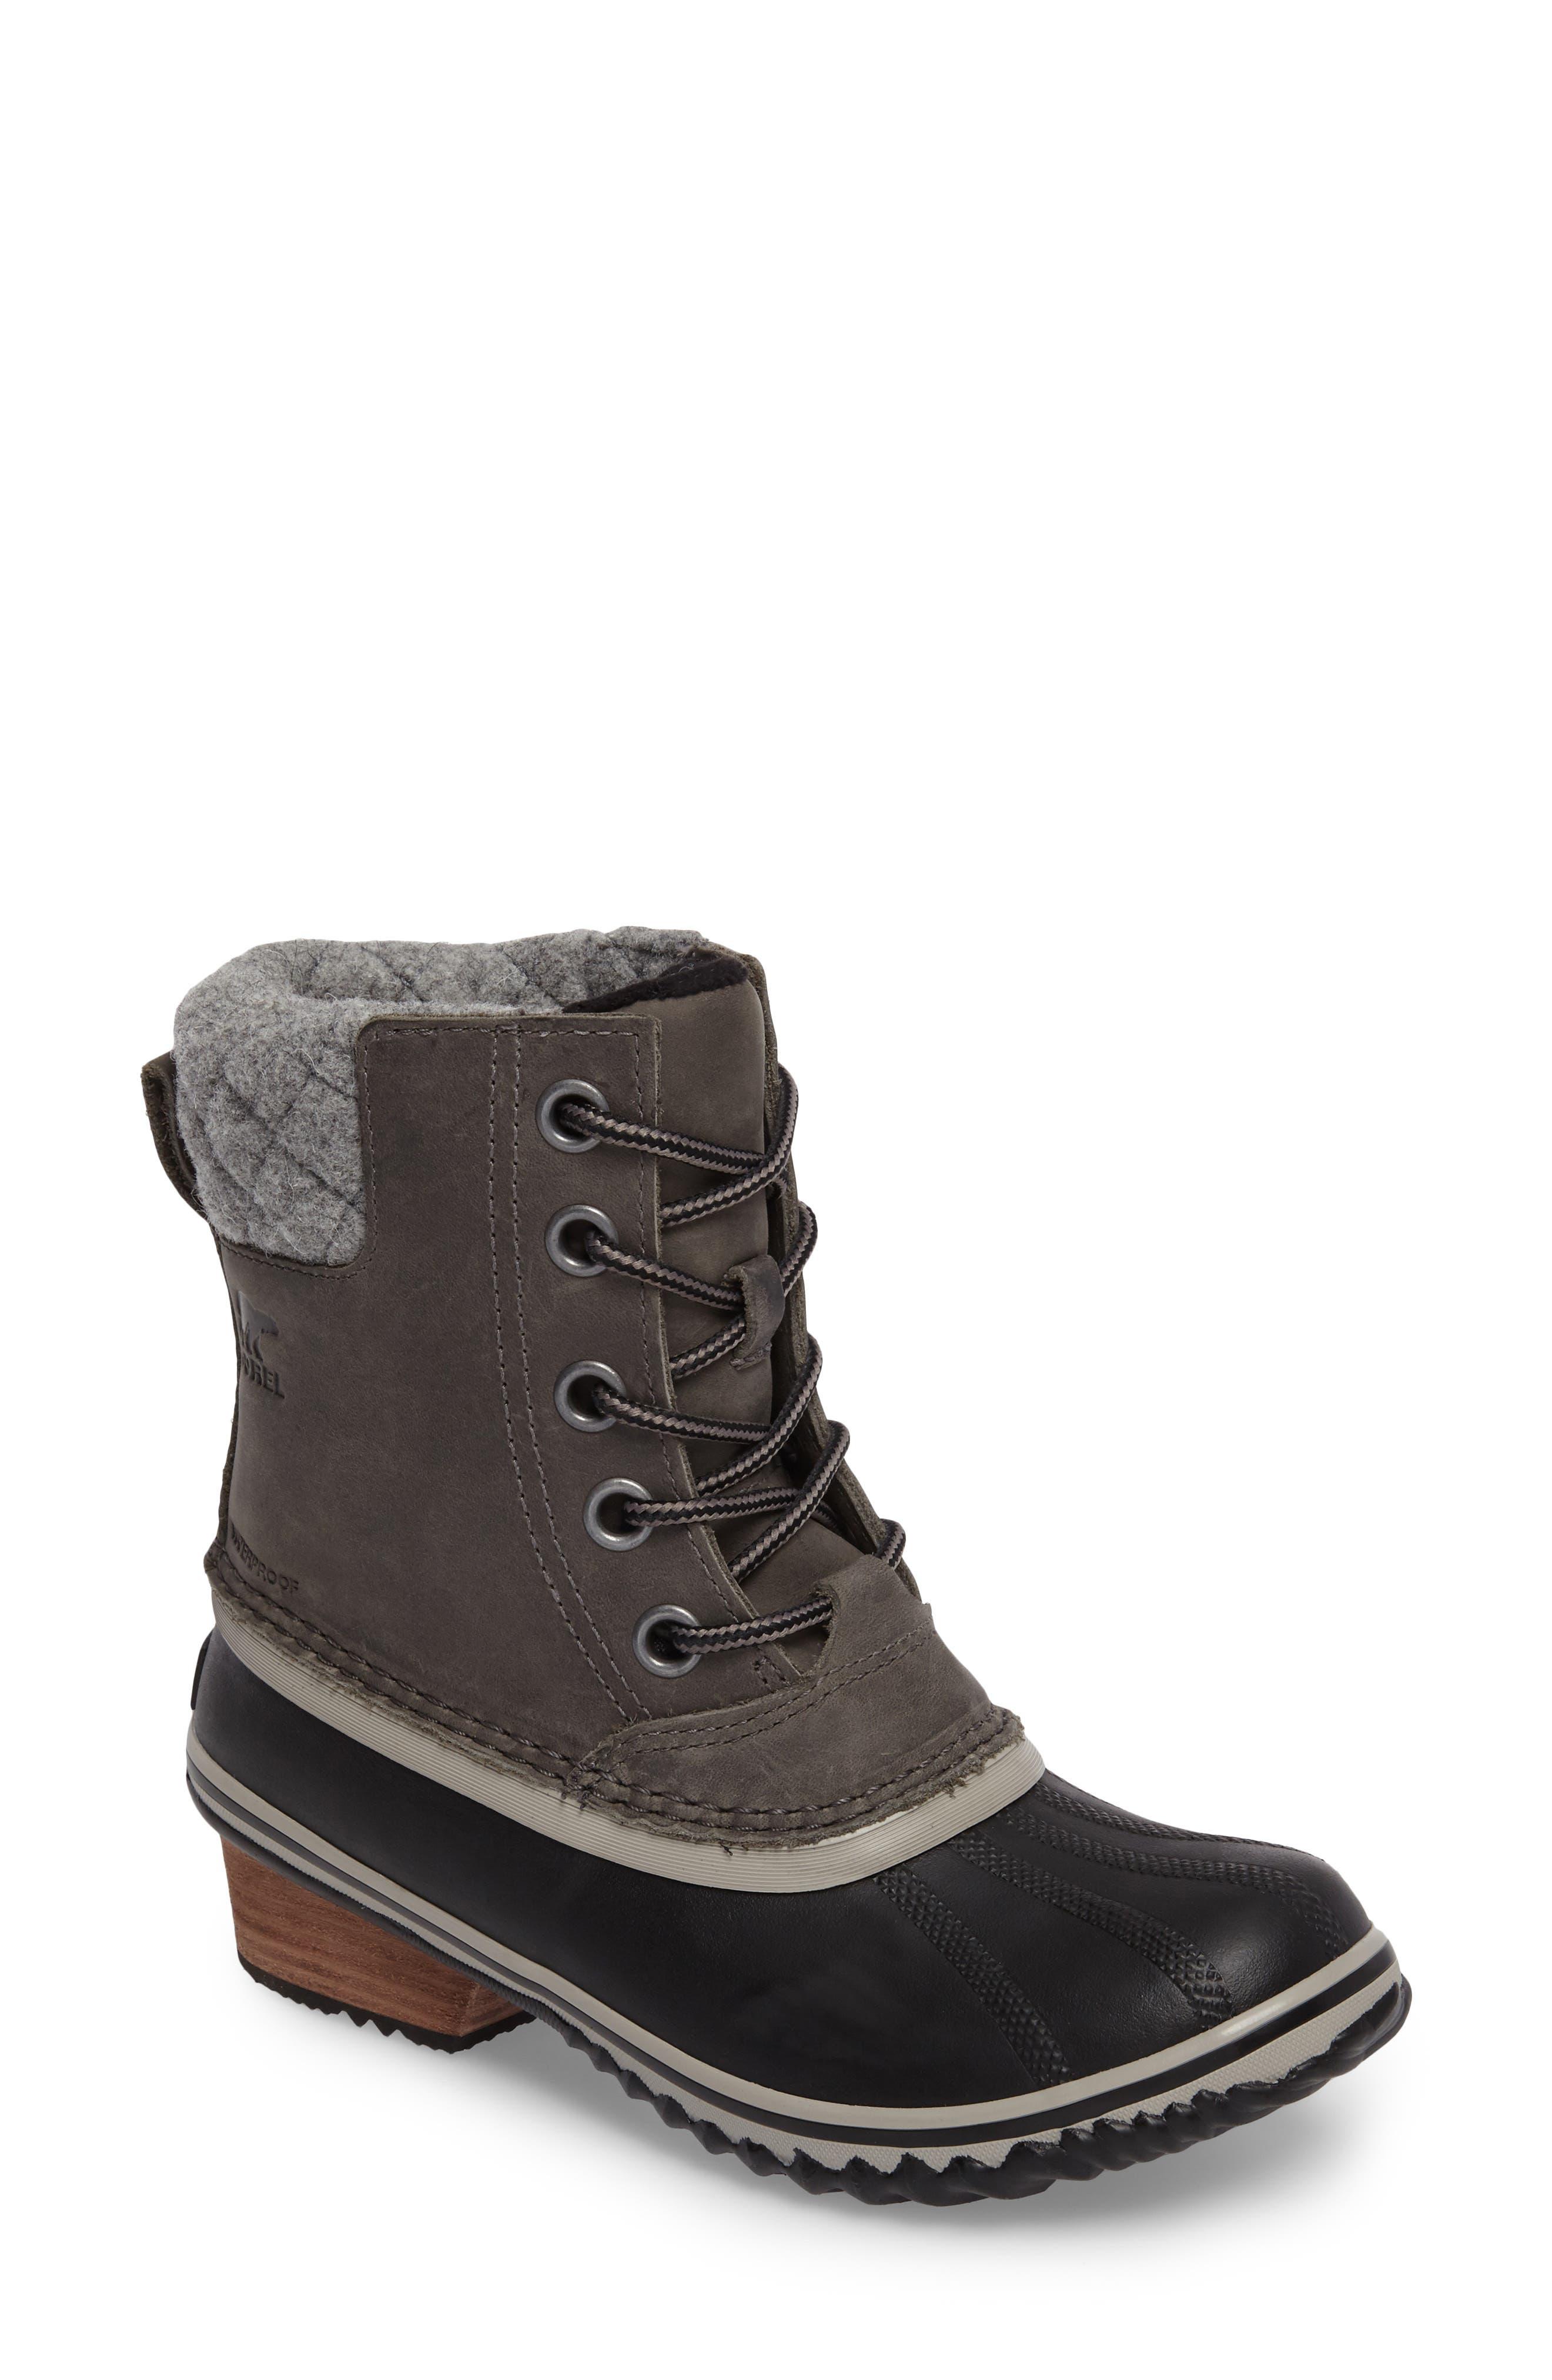 Slimpack II Waterproof Boot,                             Main thumbnail 1, color,                             Quarry/ Black